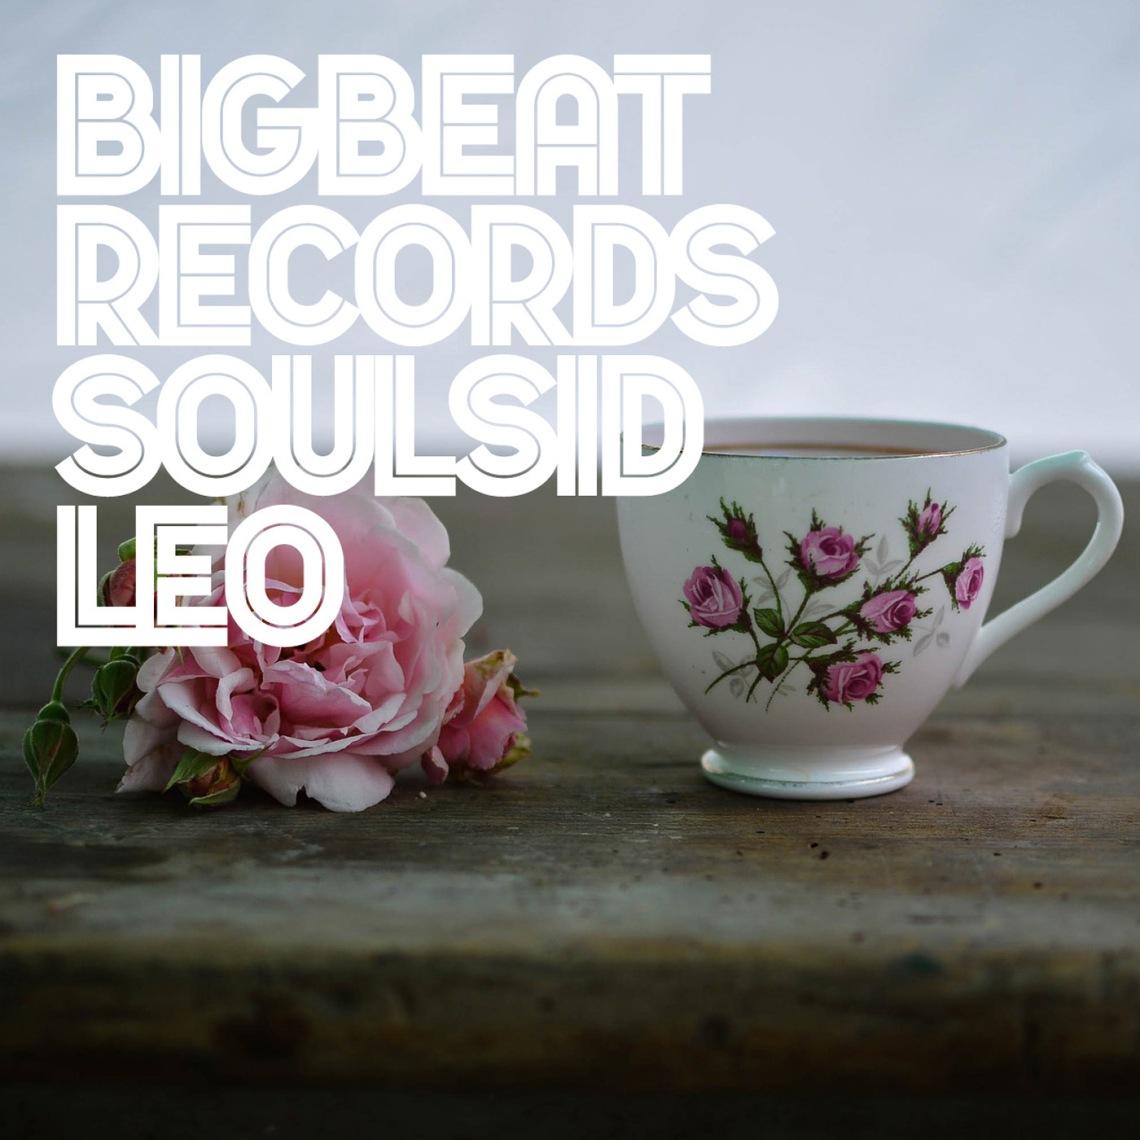 BIGBEAT RECORD 1.jpg